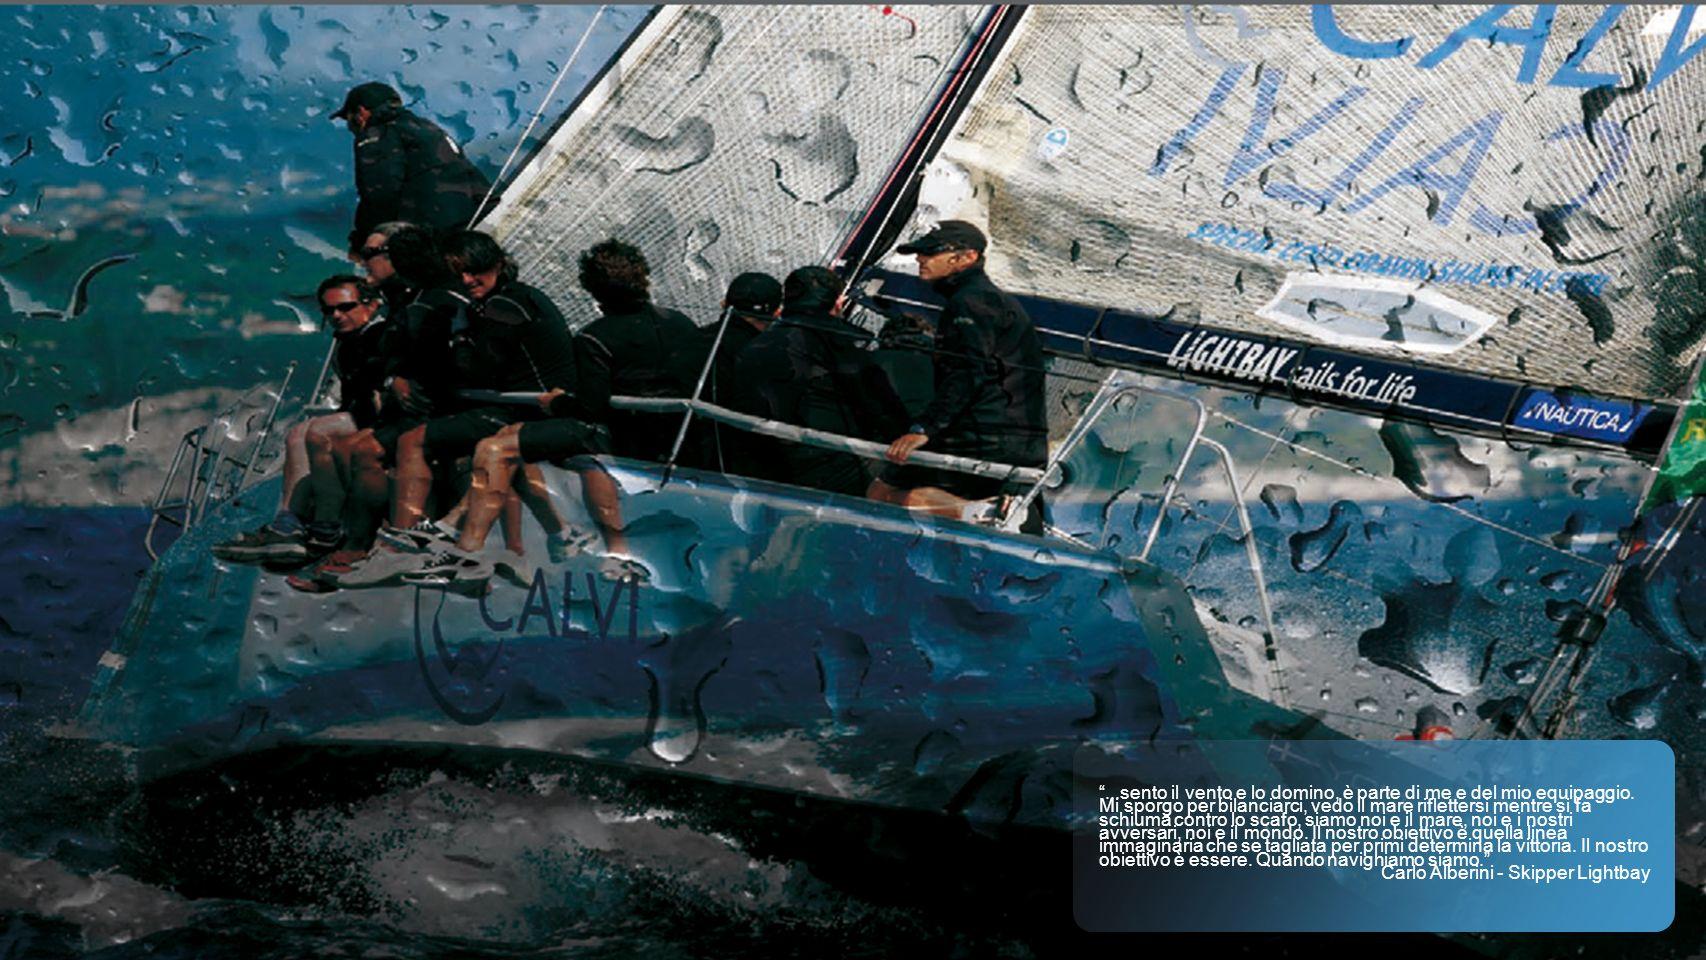 Lightbay Sailing Team Lightbay Sailing Team è un team velico composto da 16 nomi di primordine del panorama agonistico internazionale e consolidata esperienza.